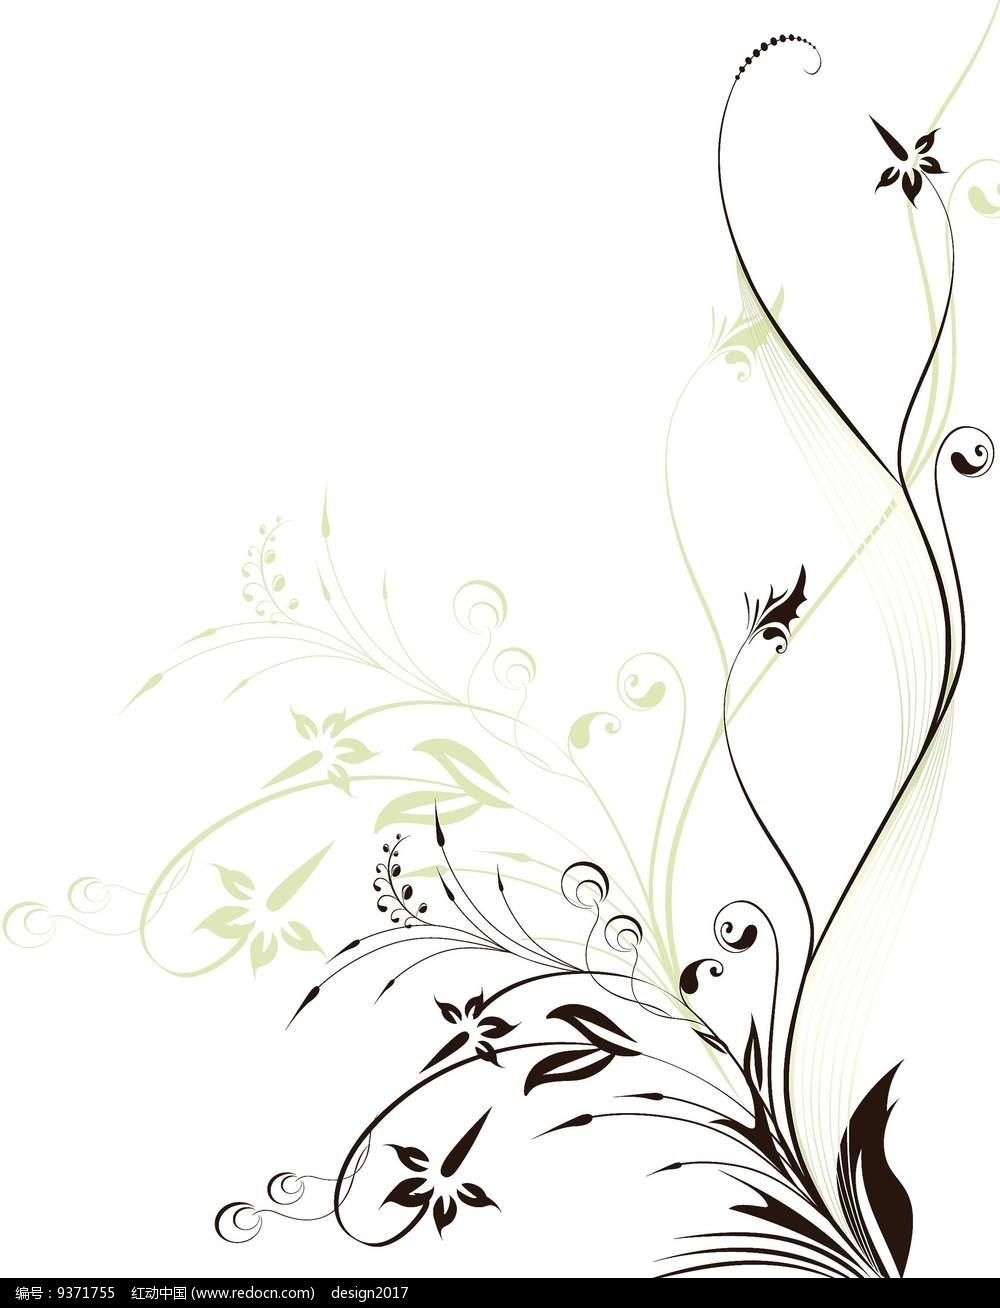 植物花藤元素图案设计